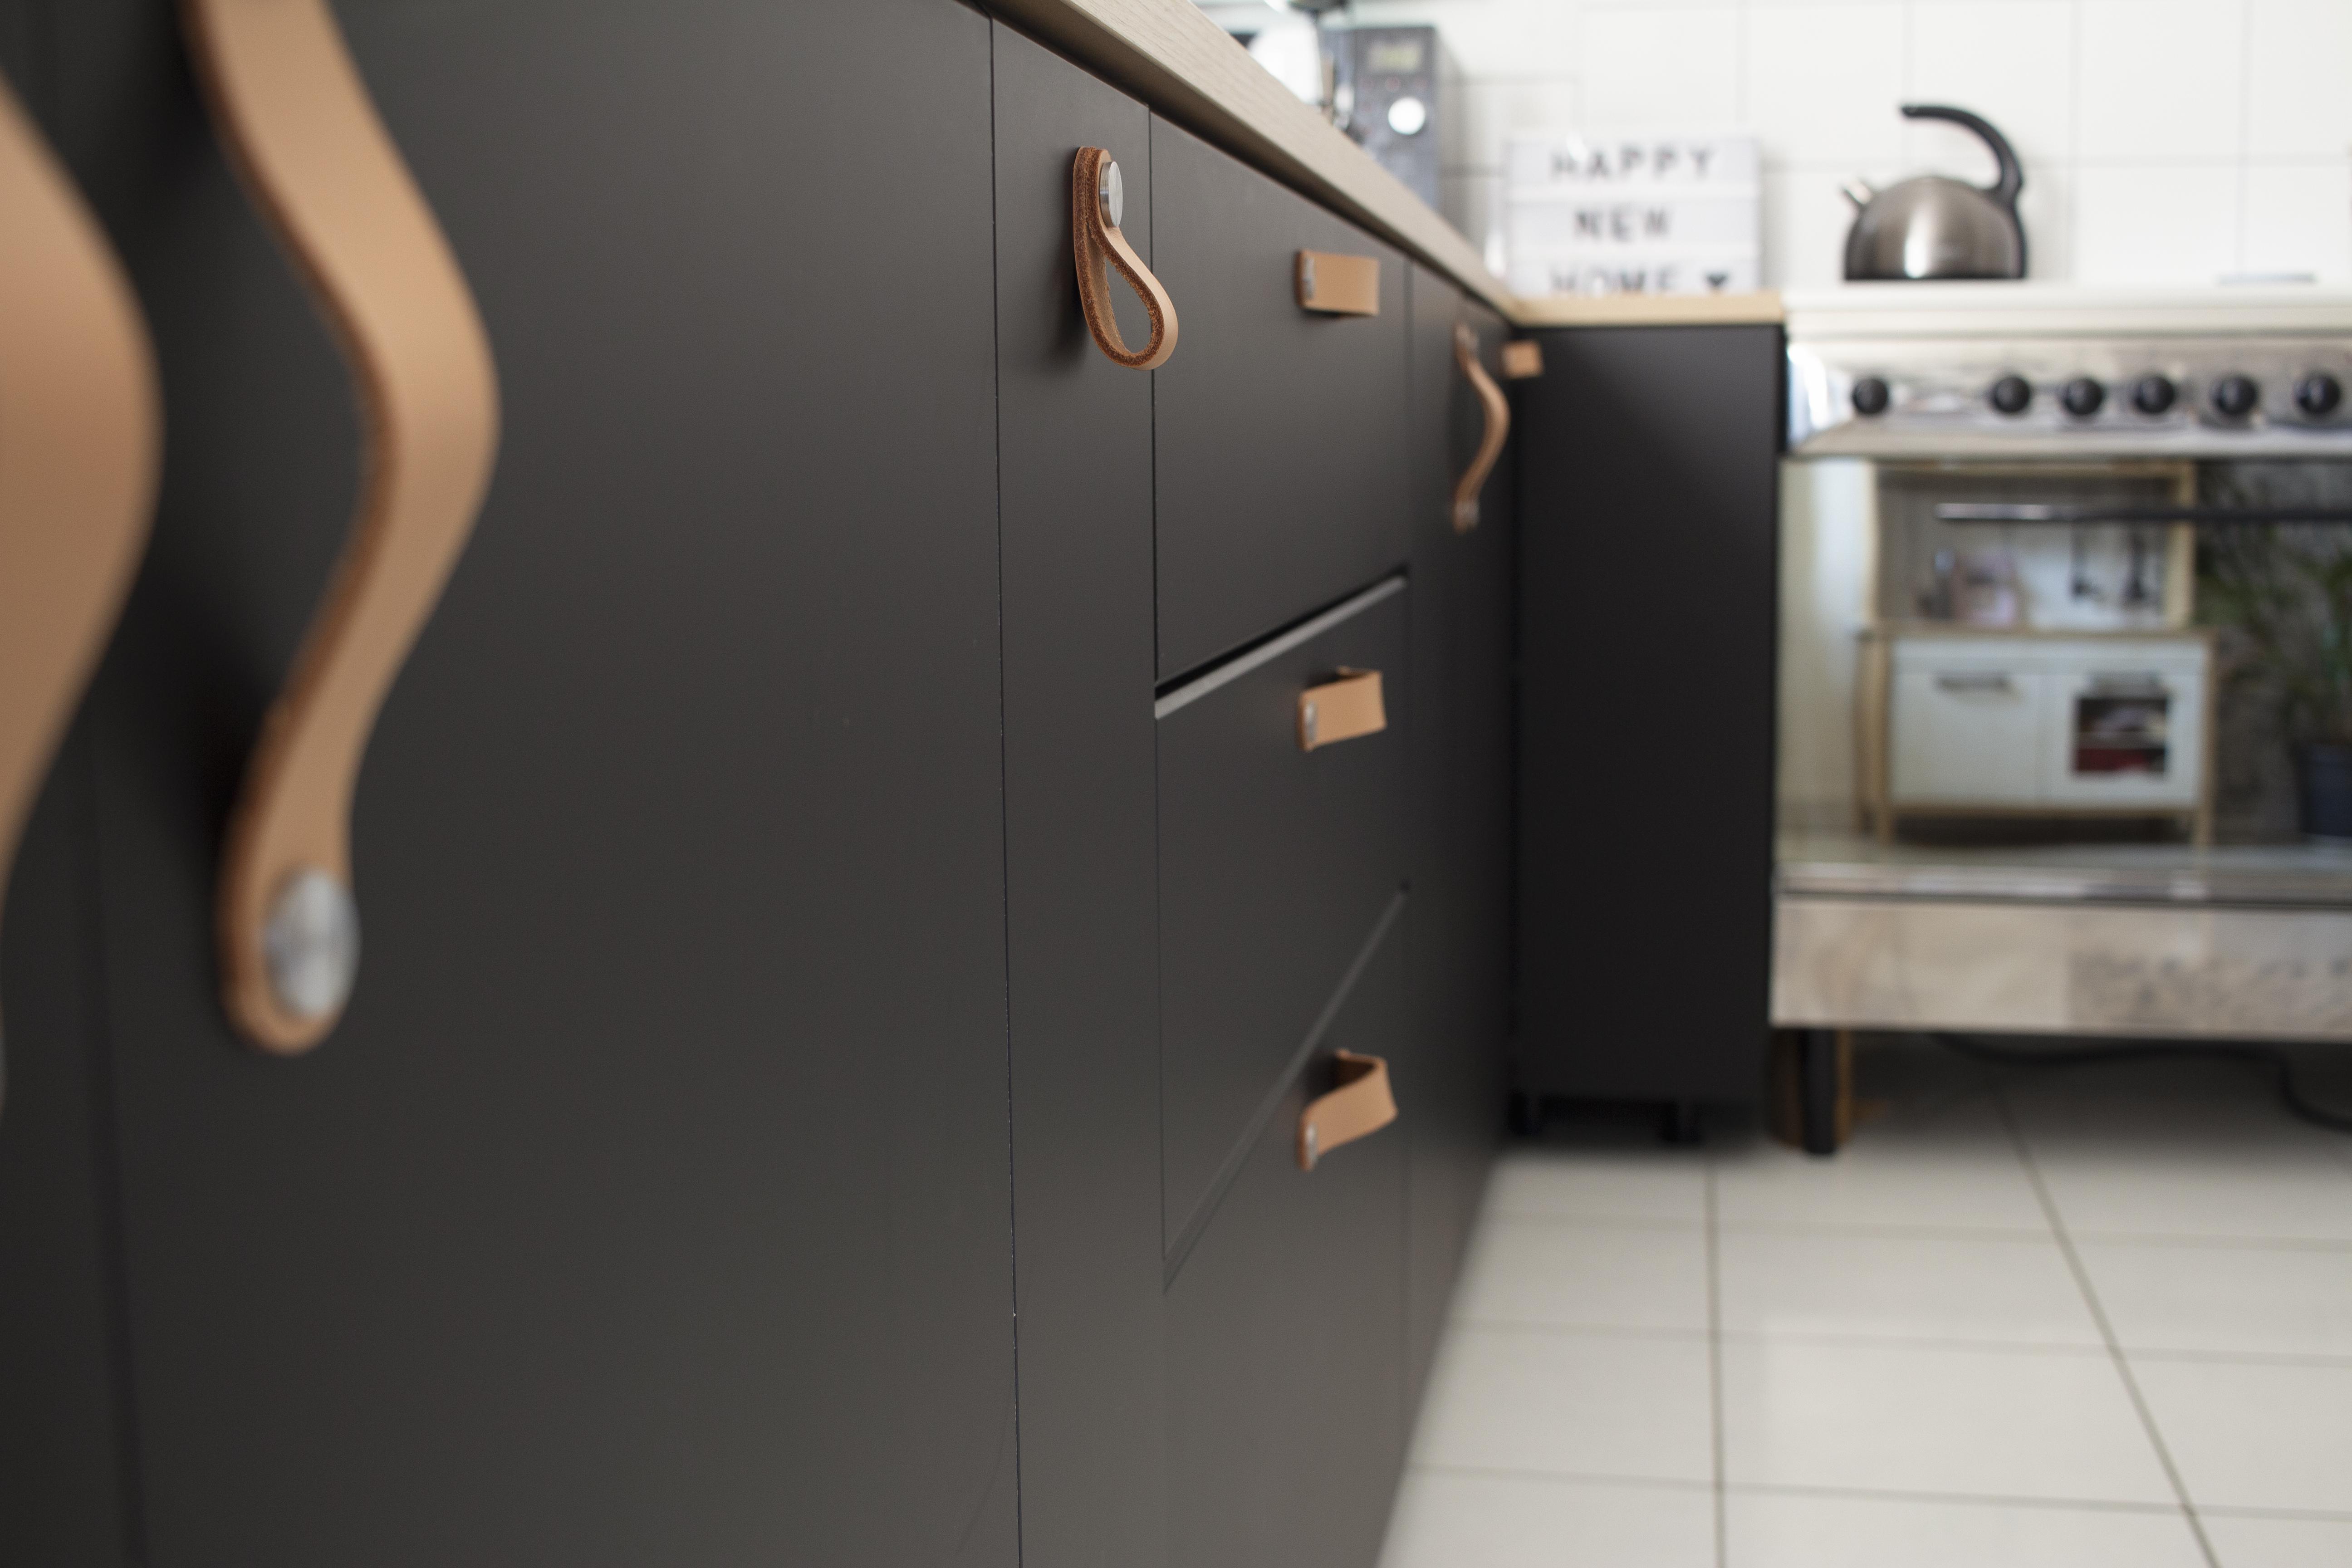 Poignée De Cuisine Ikea ma cuisine kungsbacka d'ikea - oh! ma déco